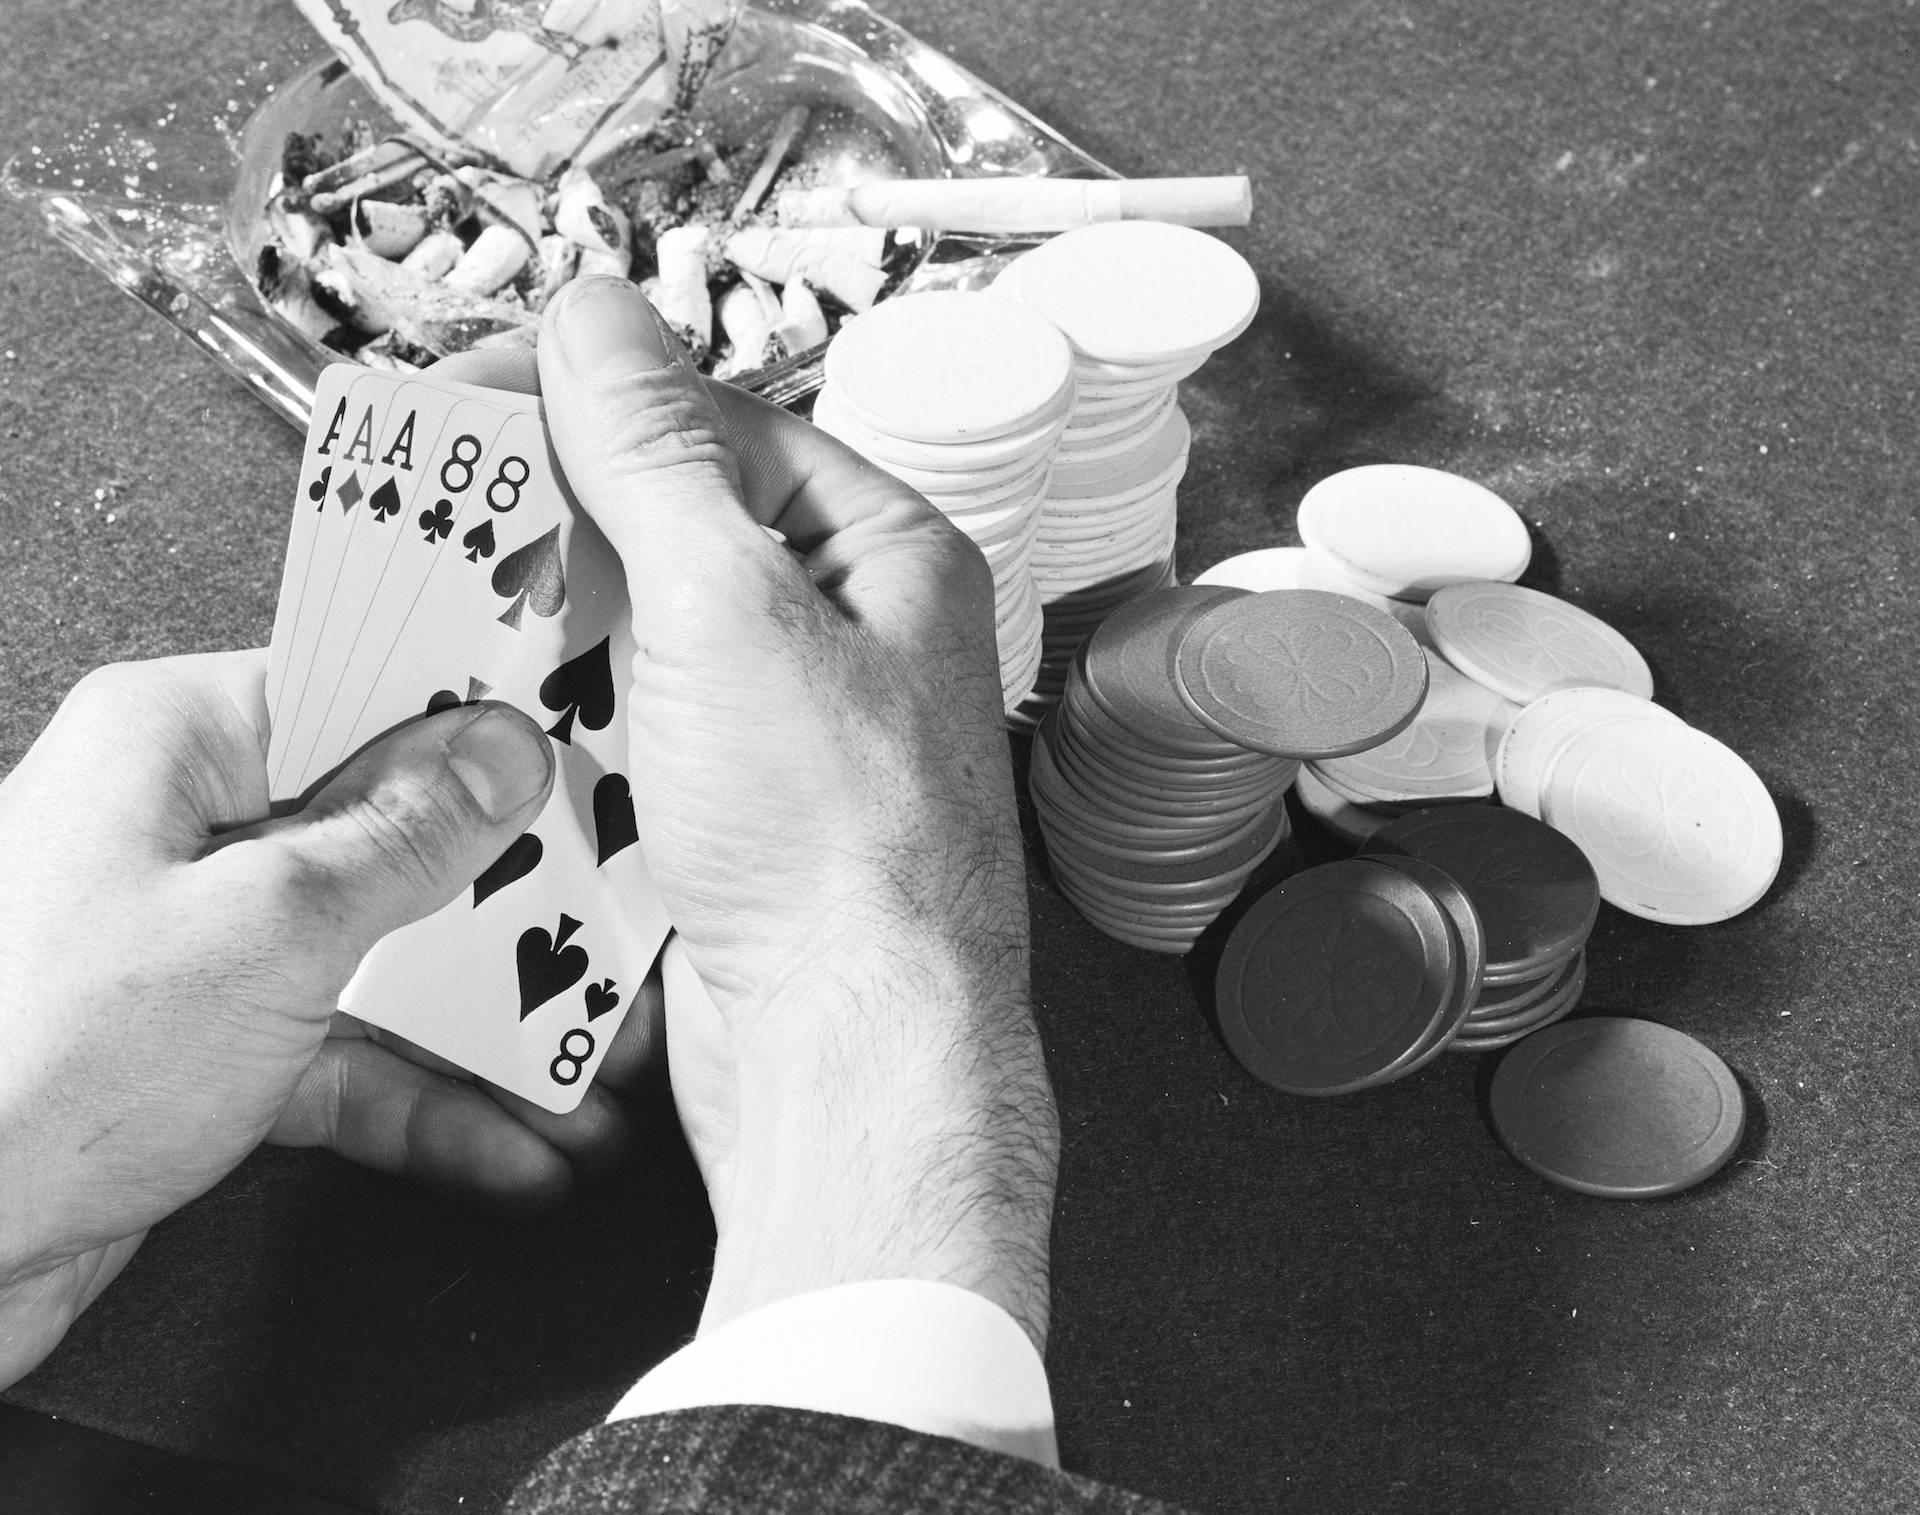 Poker Hand, 1960